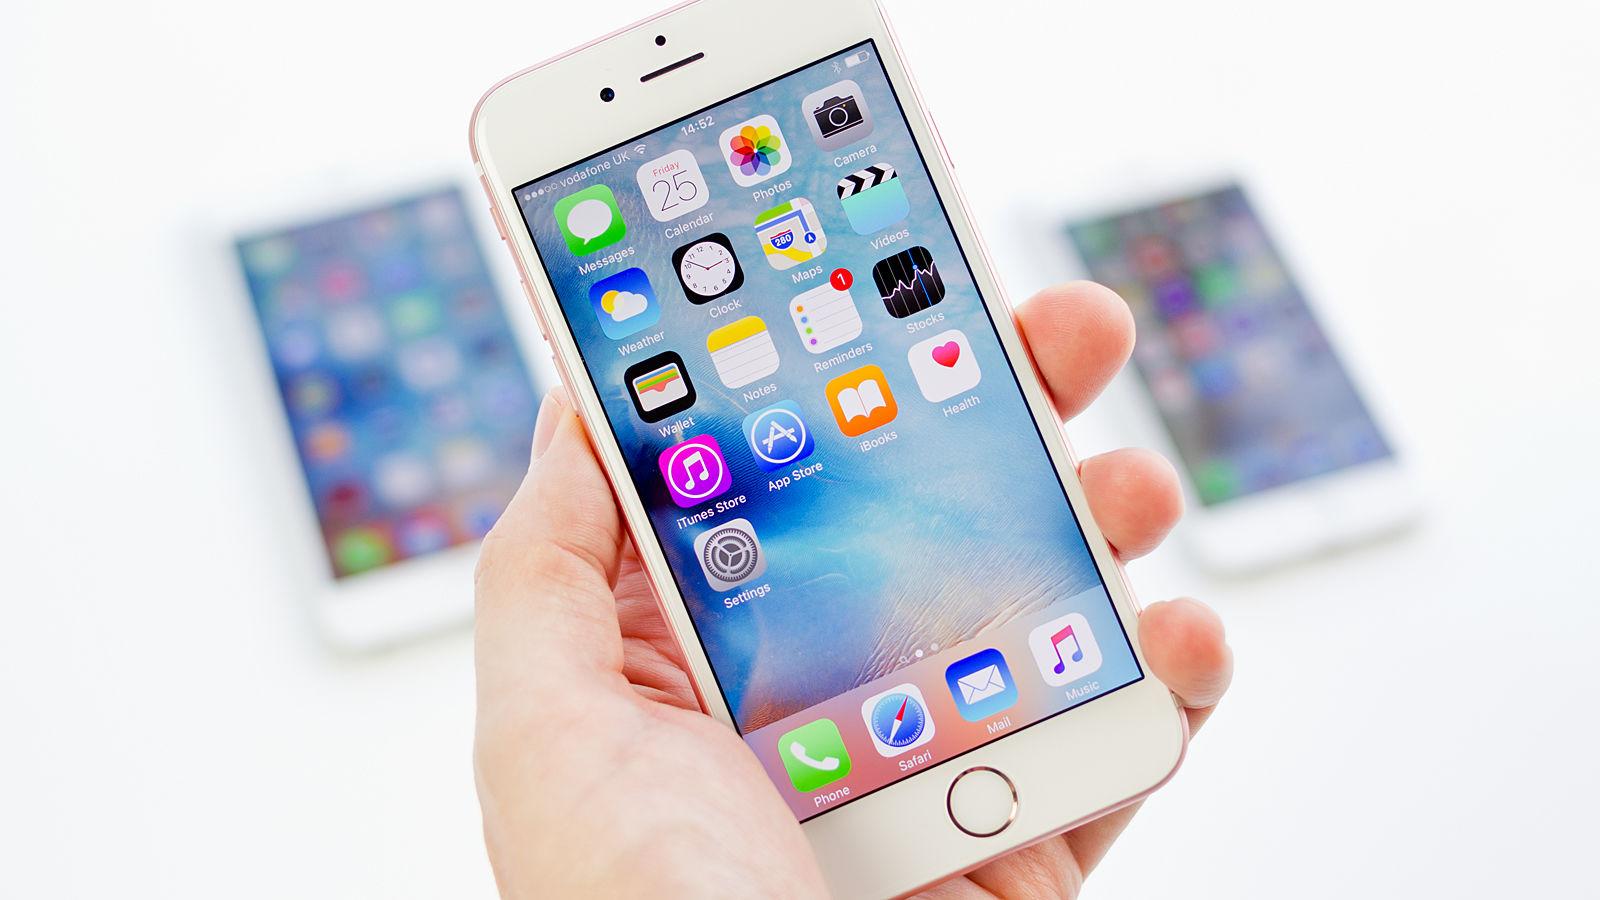 Trước khi bán iPhone cần làm gì?